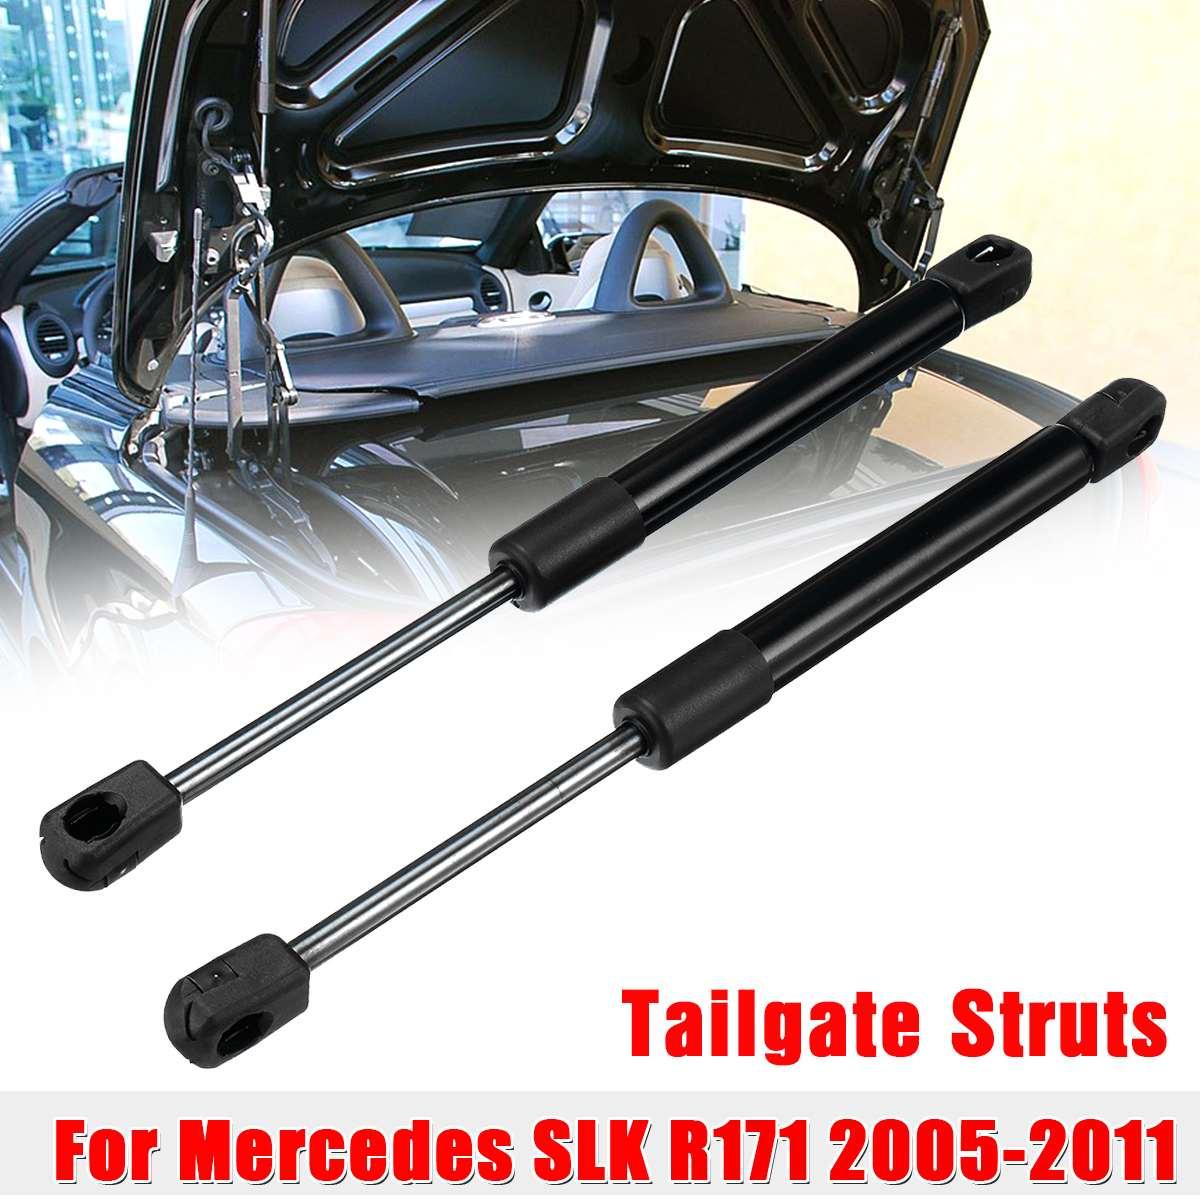 2X arka bagaj kapısı önyükleme gaz bahar şok kaldırma Strut Struts destek çubuğu 1717500036 Mercedes Benz SLK için R171 2005 -2011